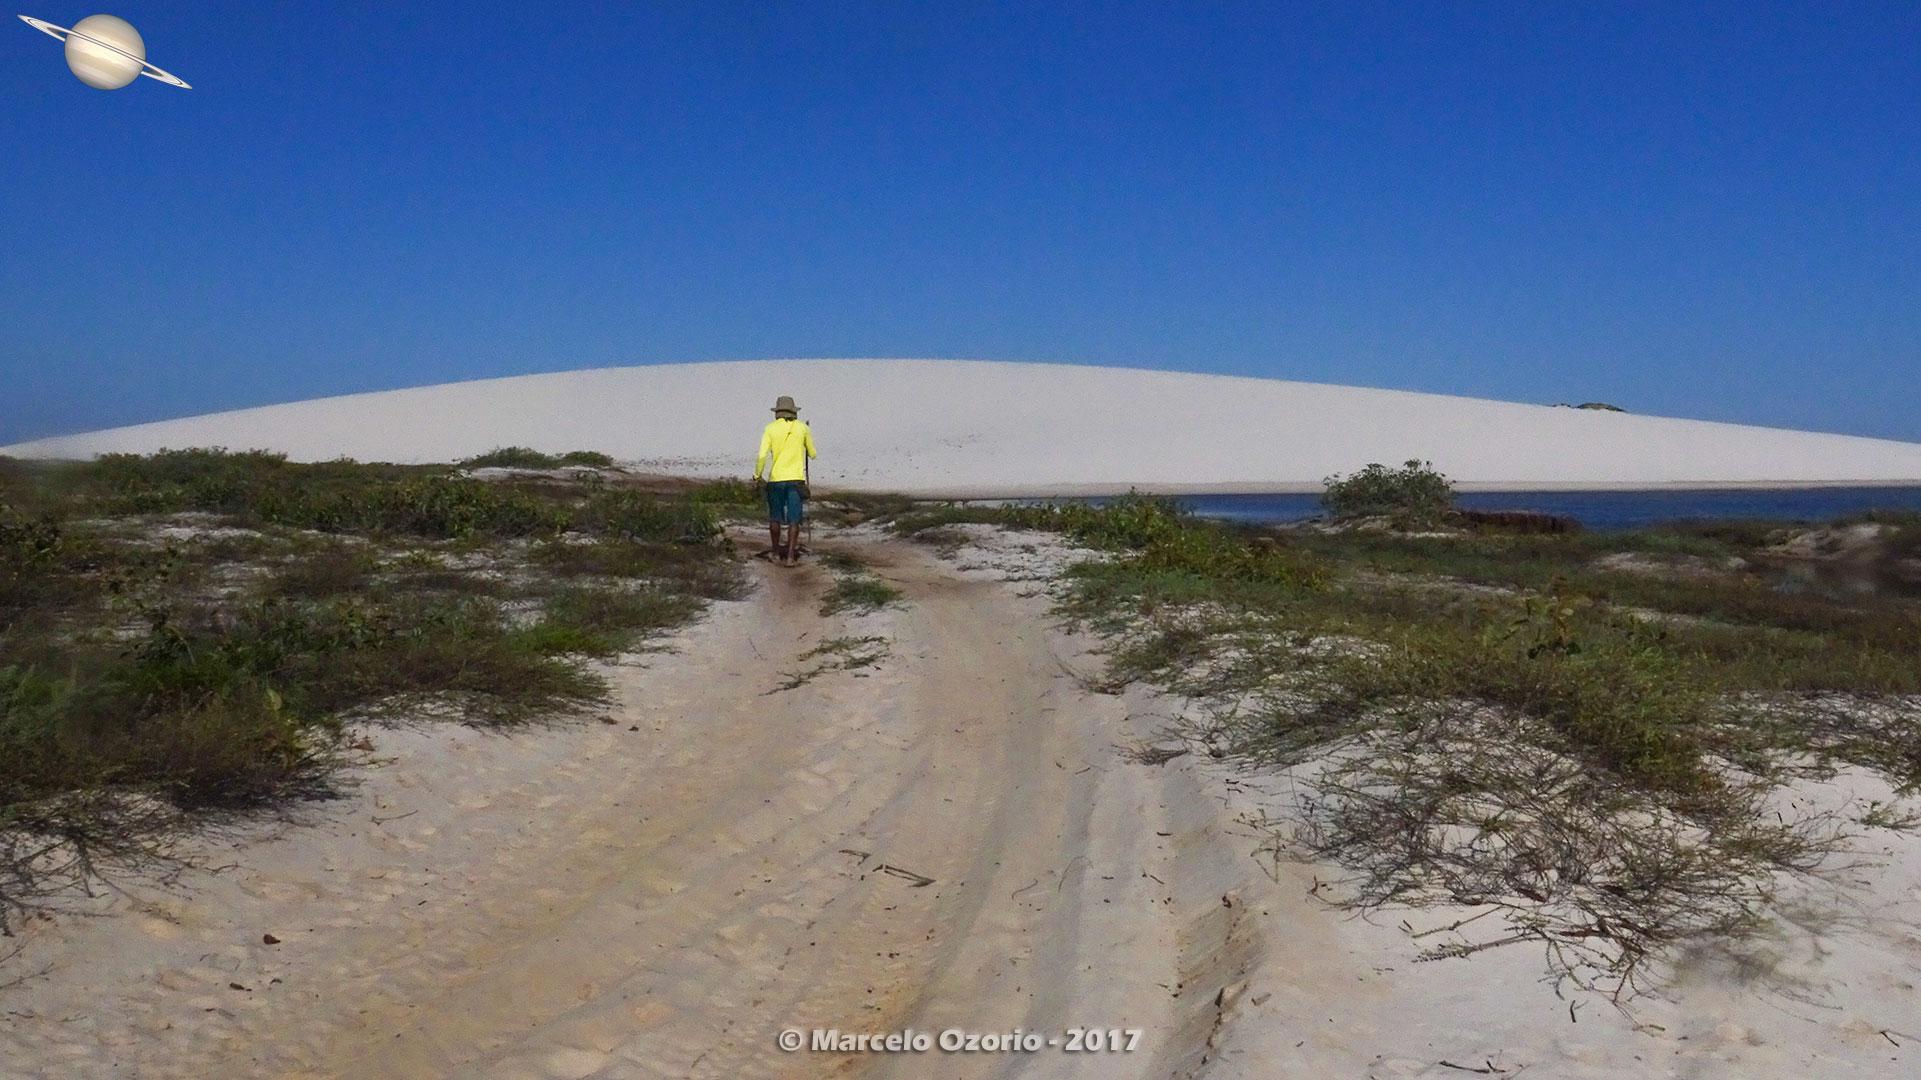 dia 3 explorando lencois maranhenses 36 - Explorando o Centro do Parque Nacional dos Lençóis Maranhenses - Brasil